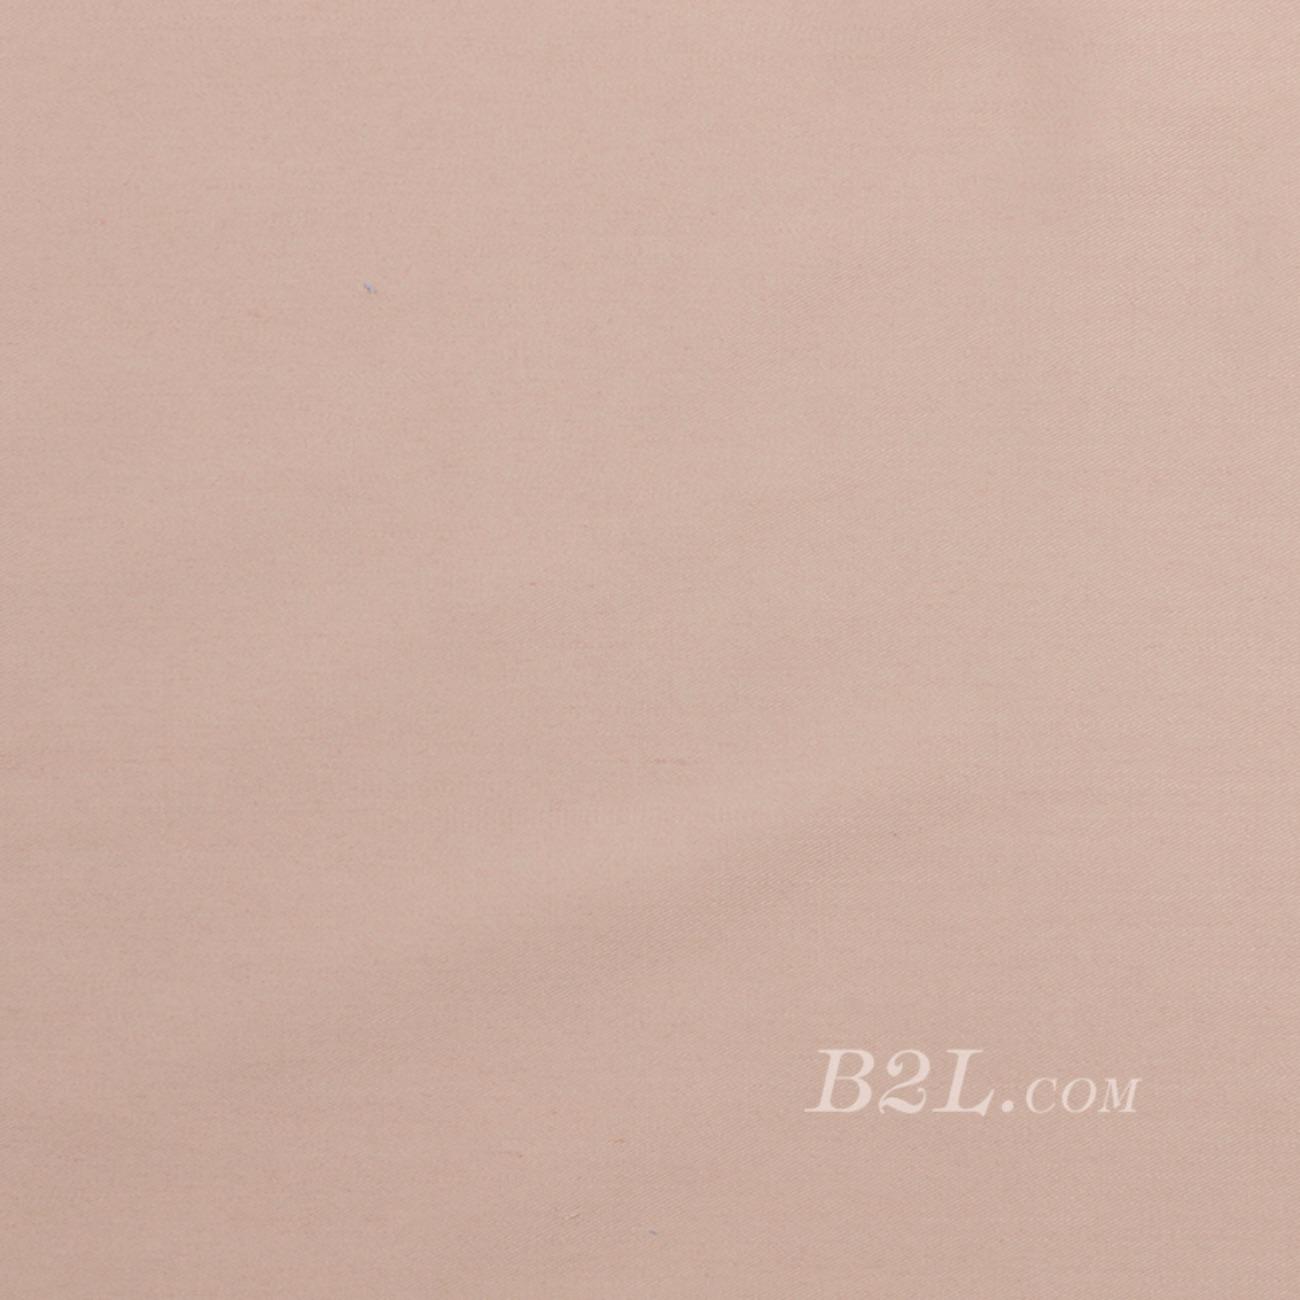 现货 斜纹素色喷水梭织染色工装制服保安服装面料 工作服 TR涤棉 70911-20